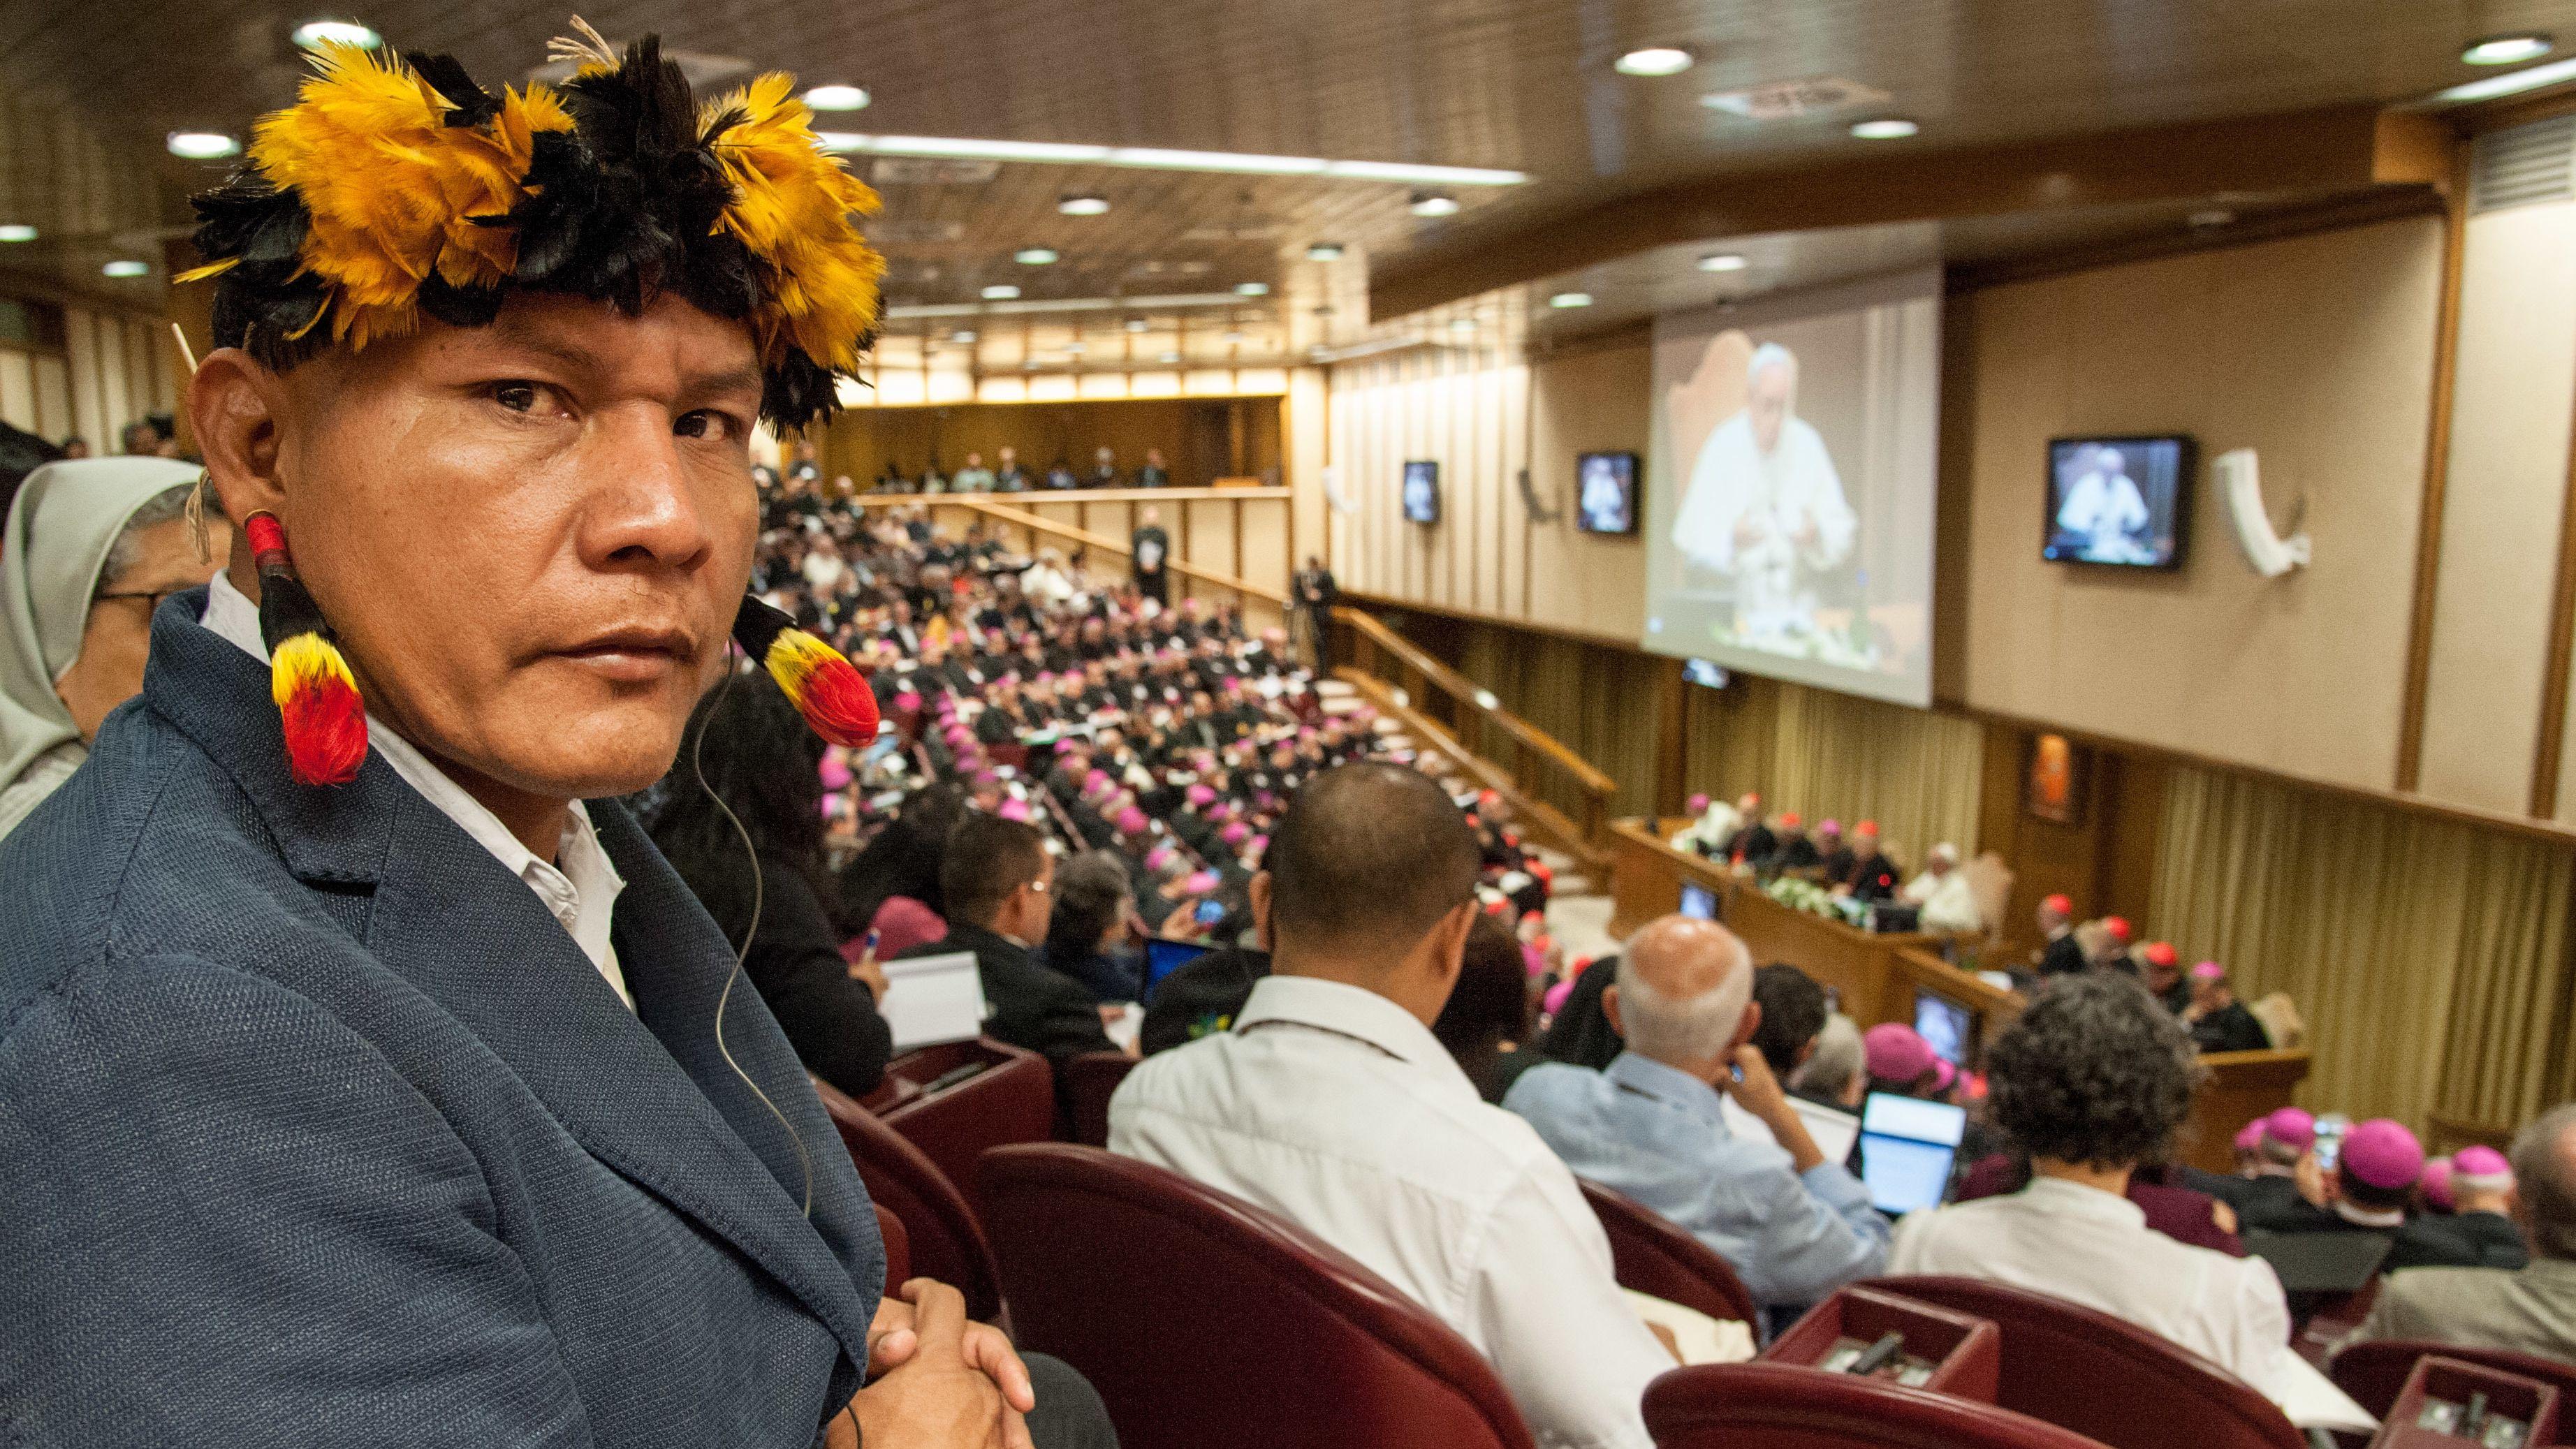 Ein Indigener aus dem Amazonasgebiet nimmt an einer Synodensitzung im Vatikan teil.